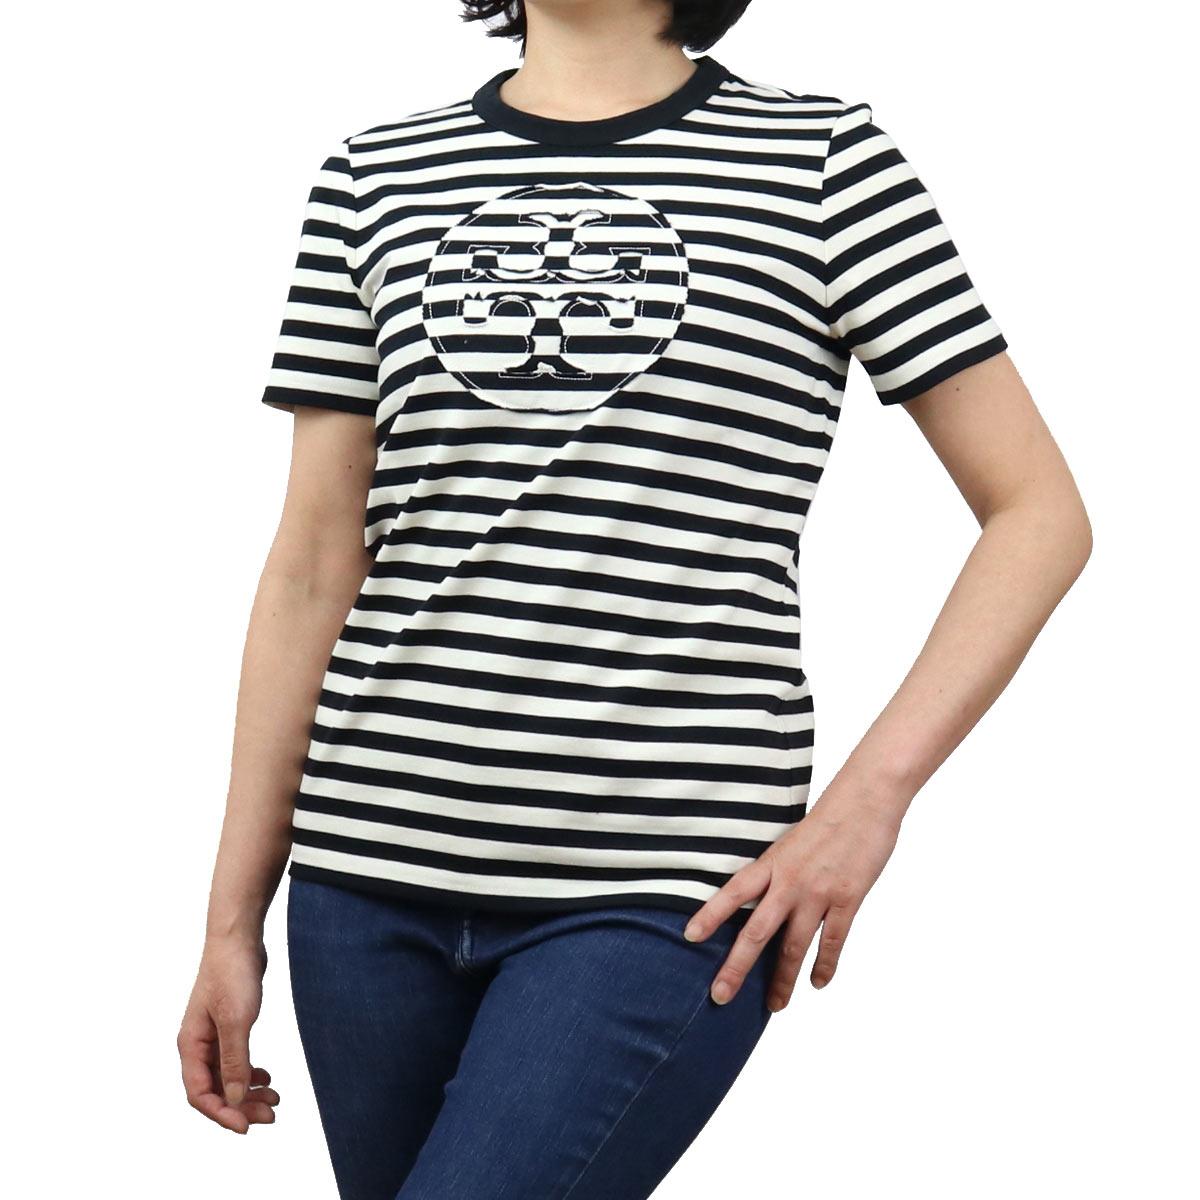 トリーバーチ TORY BURCH レディース-Tシャツ 63871 001 ブラック apparel-01 レディース